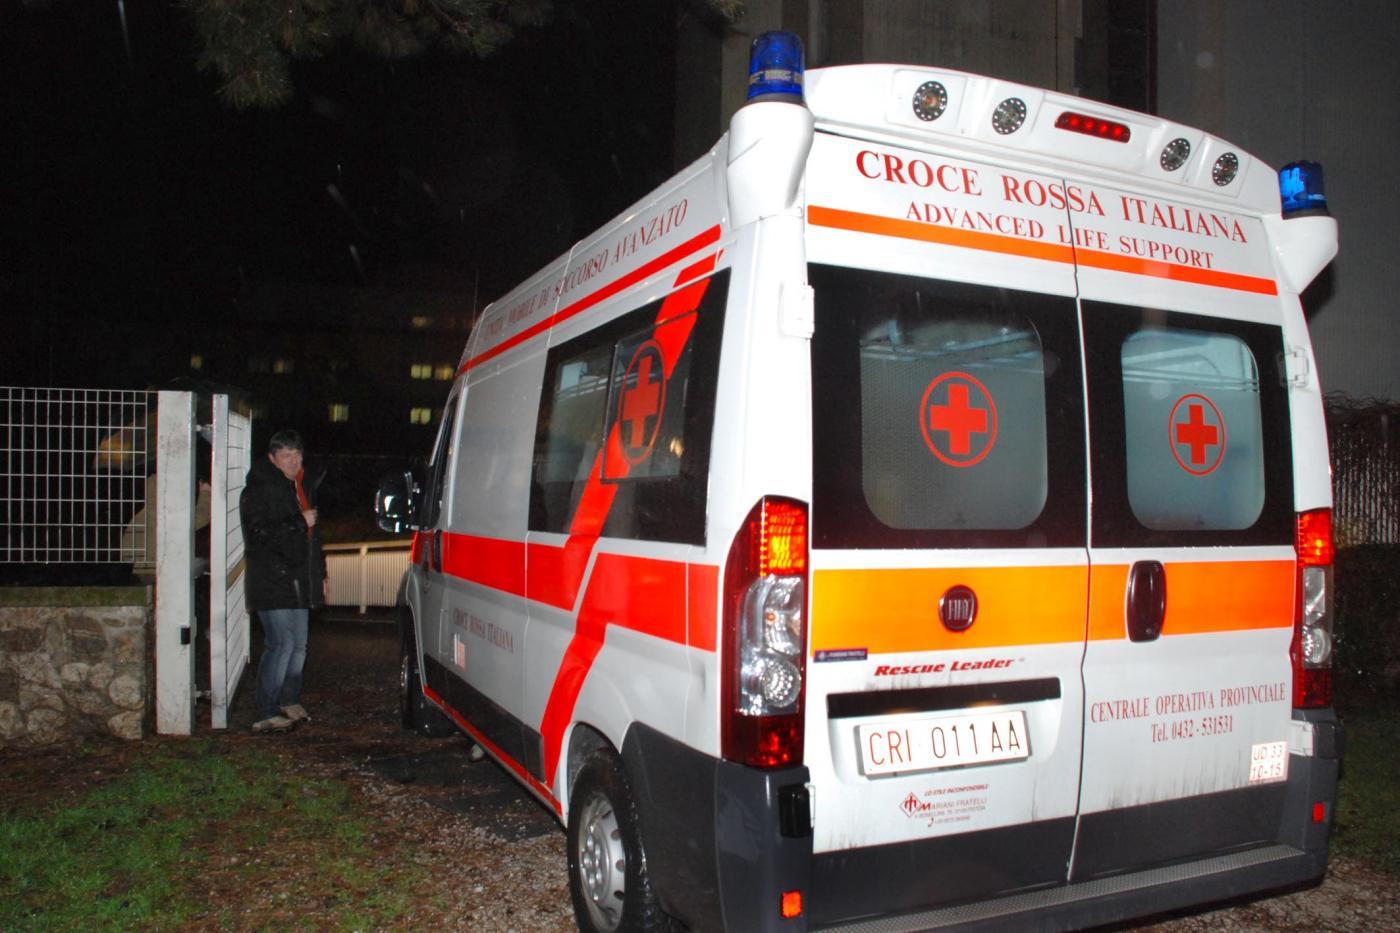 Rimini 21enne muore mentre consegna la pizza: disposta l'autopsia